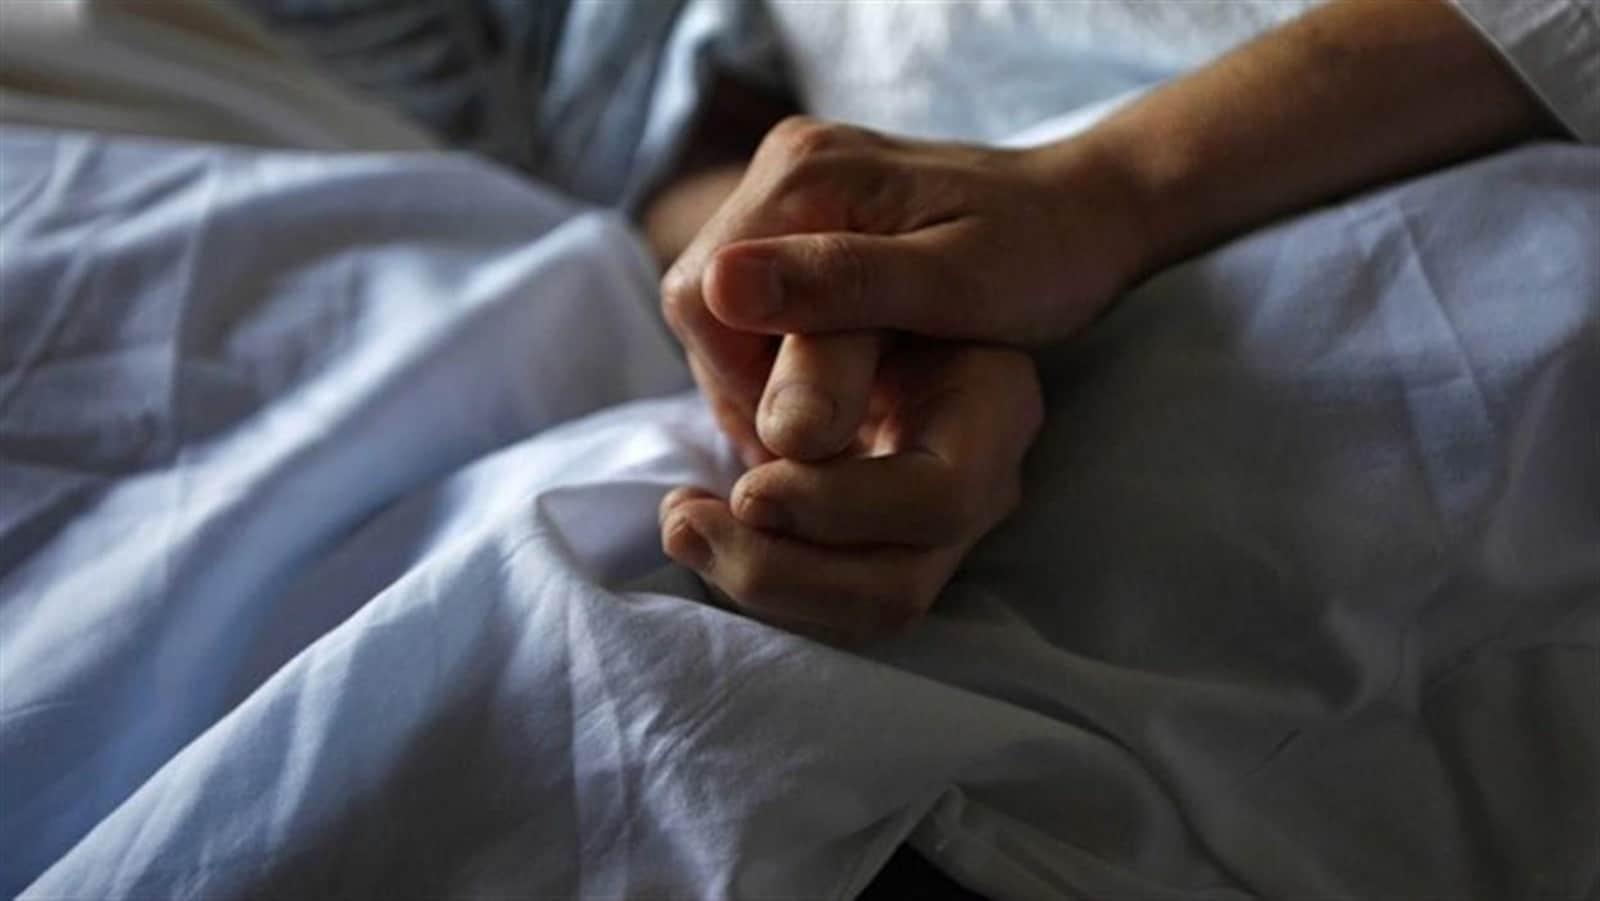 Plus de 2000 personnes ont obtenu l'aide médicale à mourir depuis un an, selon le ministère fédéral de la Santé.